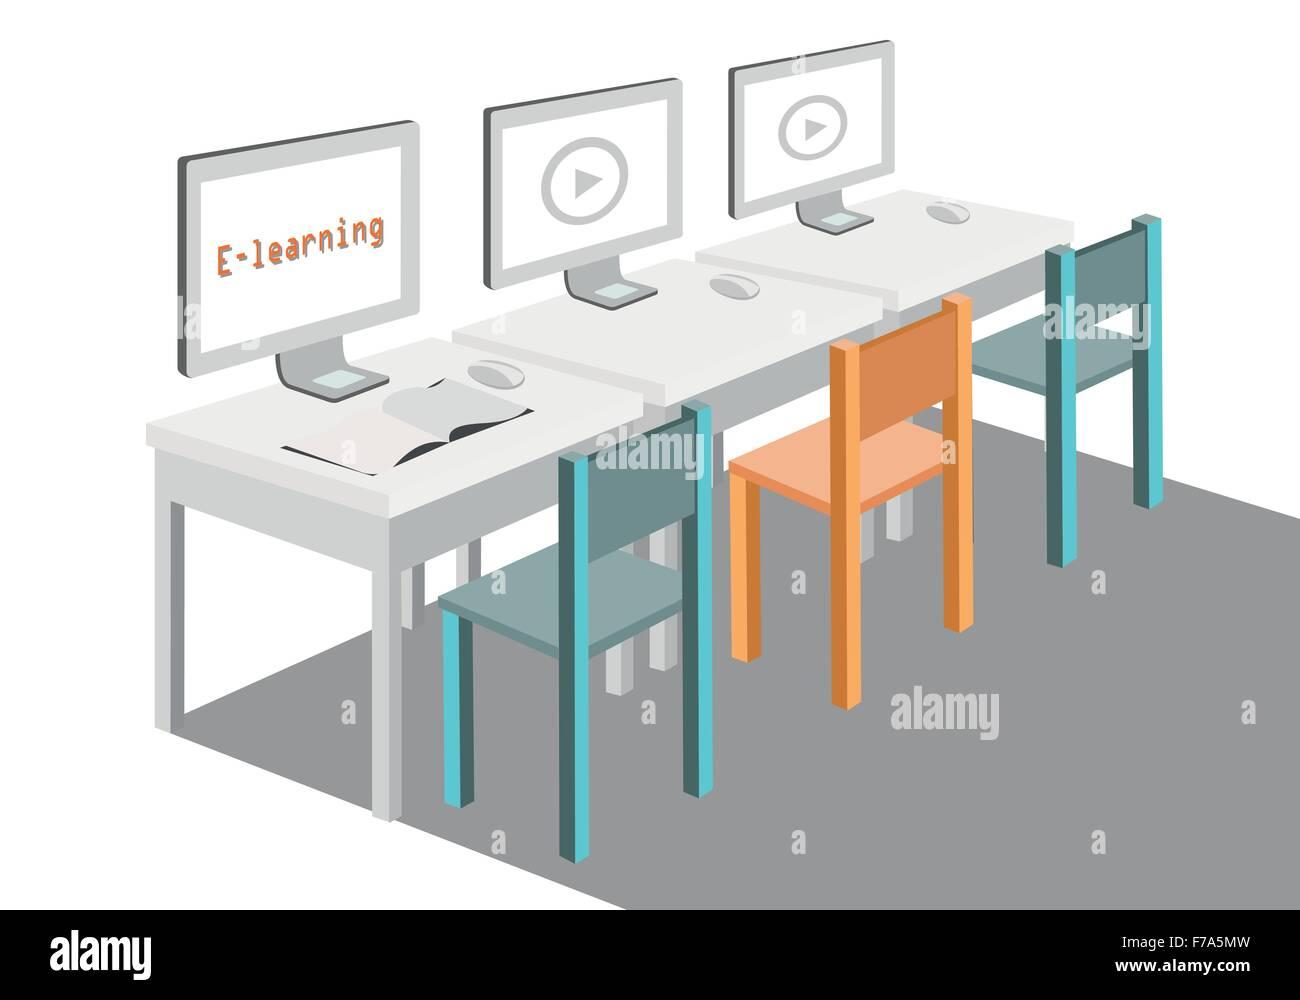 Concepto de e-learning acerca de estudiar en casa ilustración vectorial Ilustración del Vector